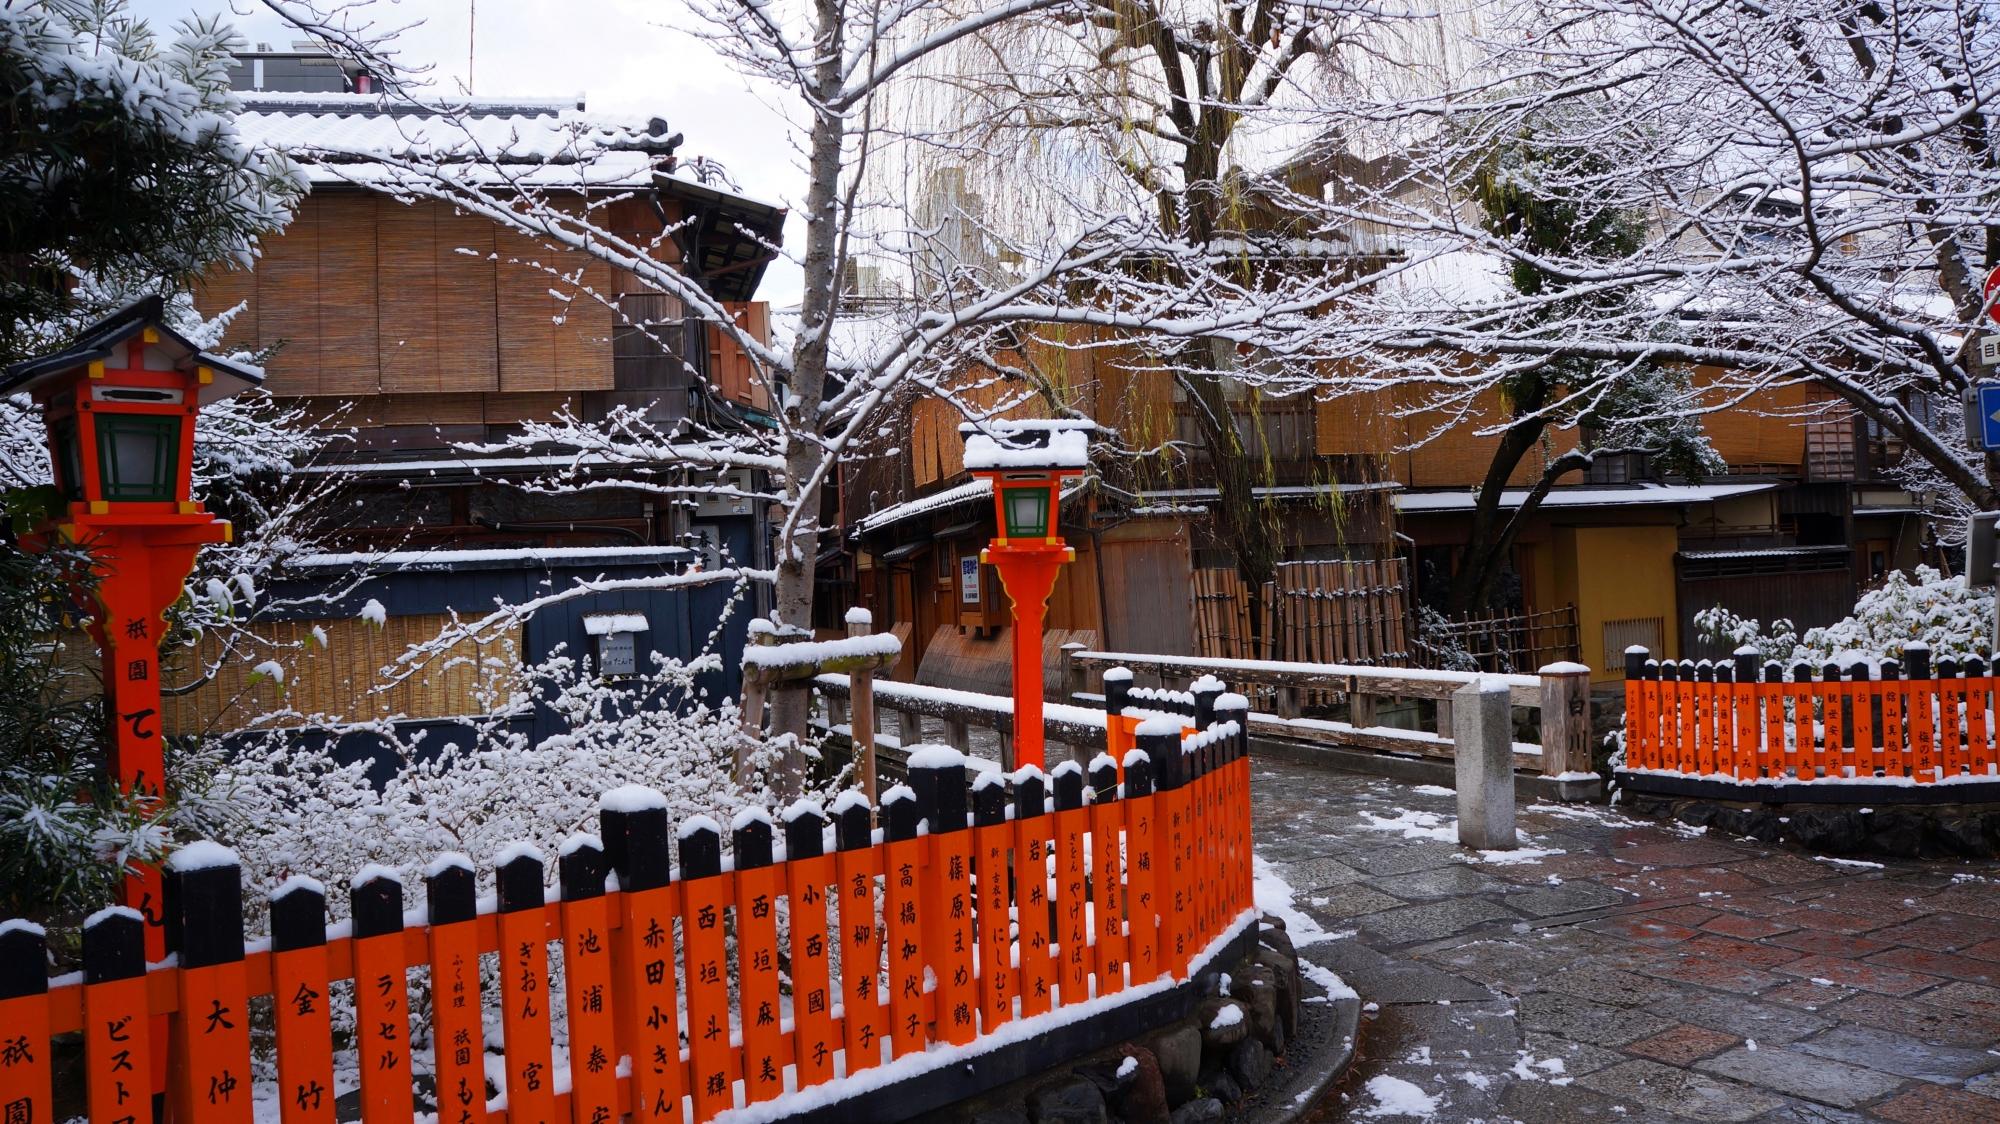 背景の街並みが引き立てる雪景色